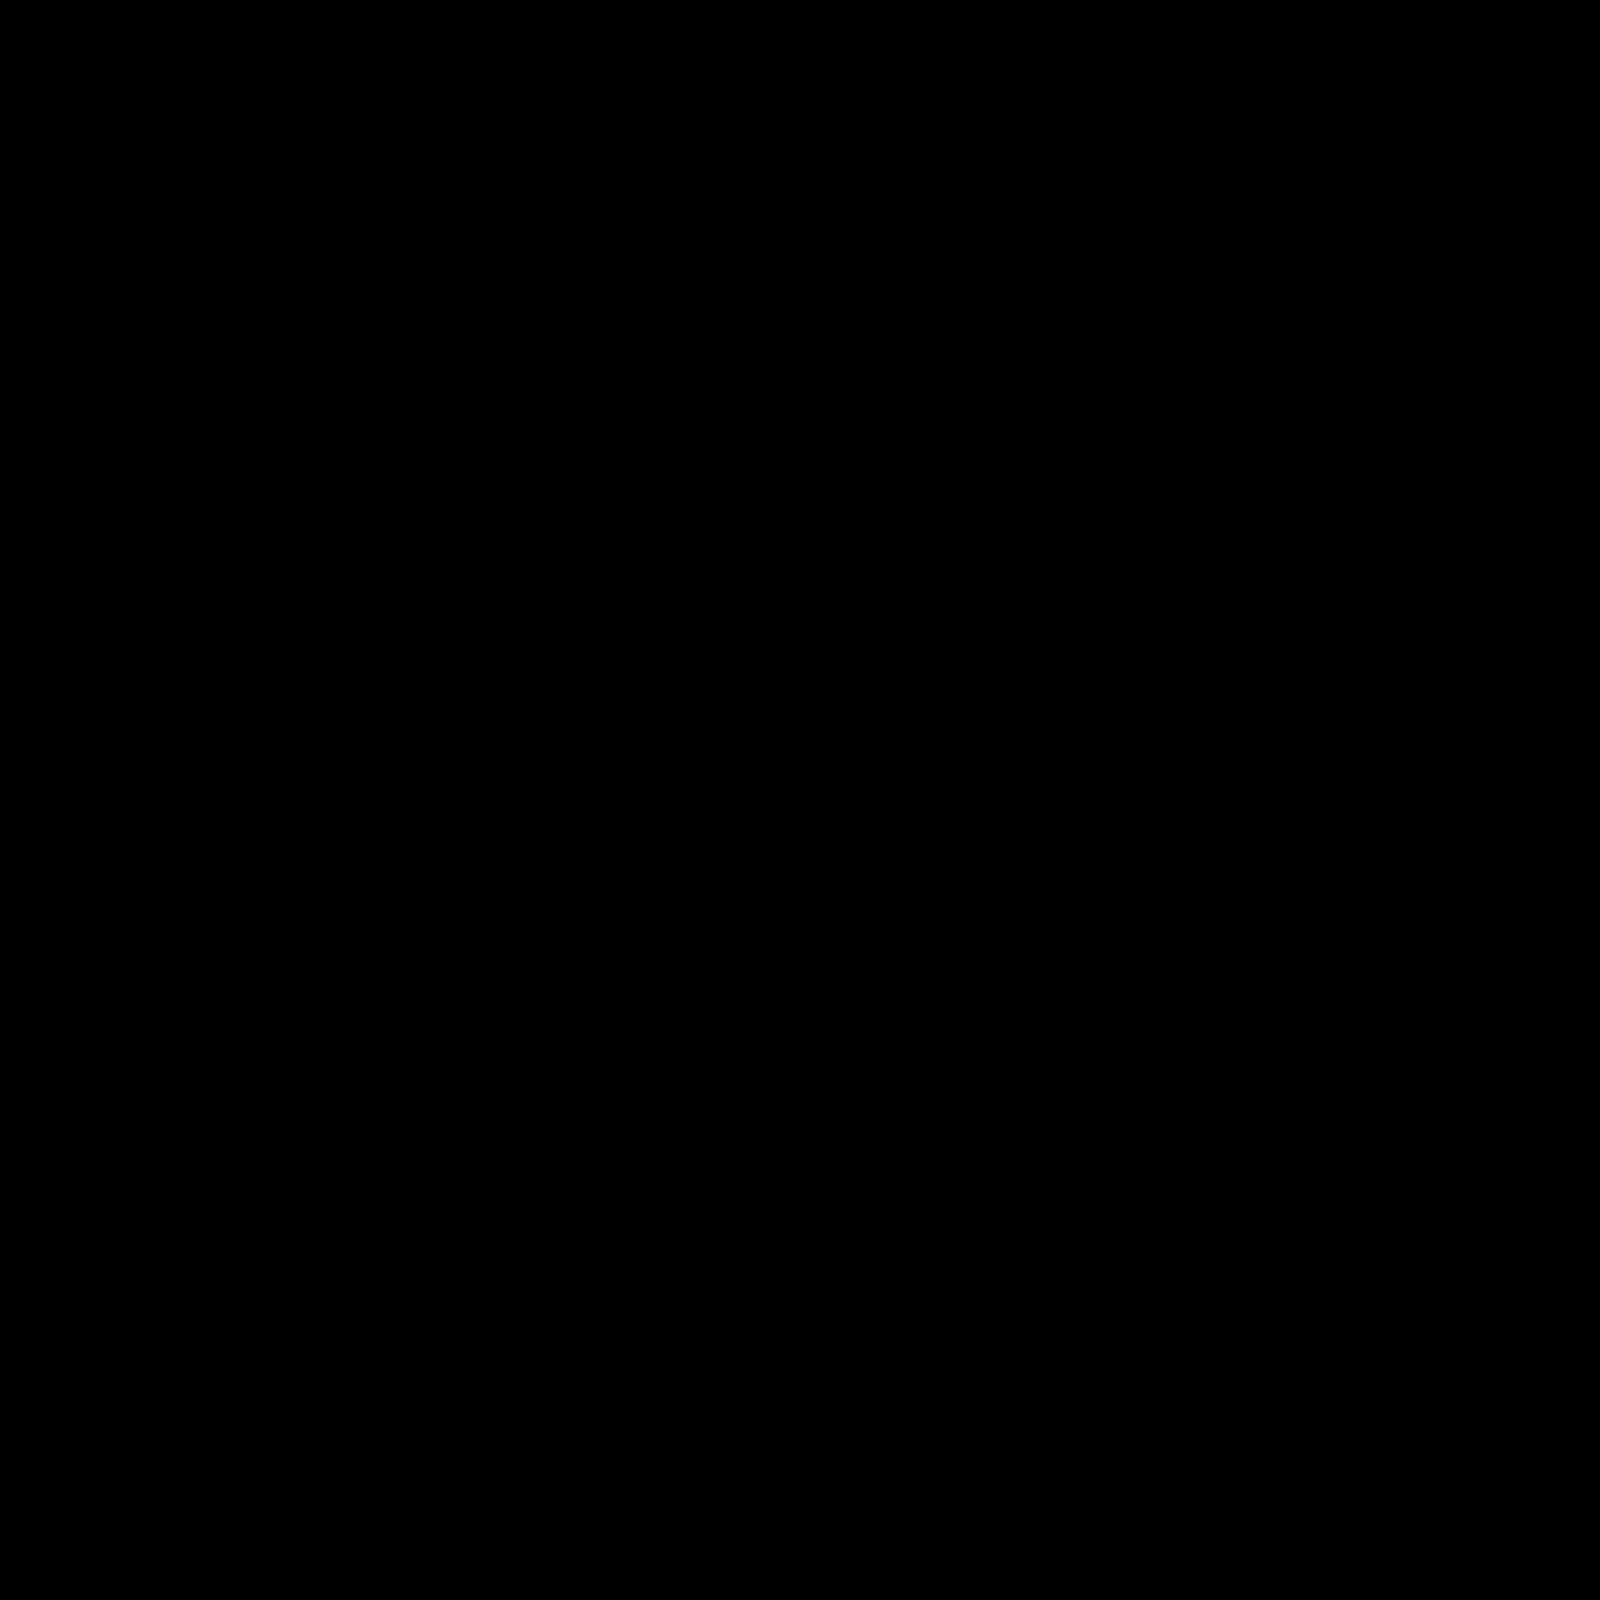 29327284-a45eca10-81bc-11e7-8b0d-286568873dfb.png